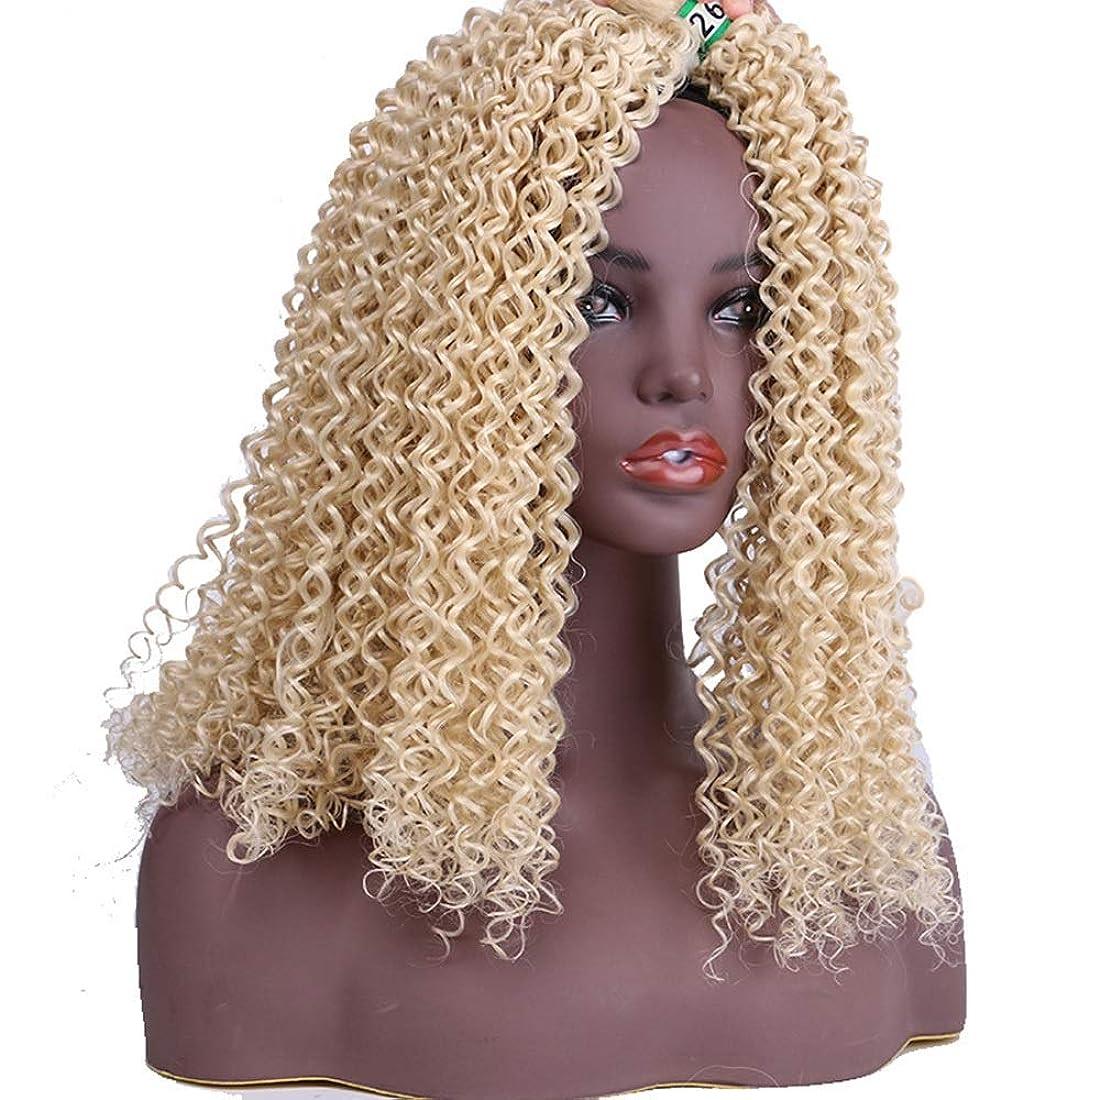 降伏圧倒的最高Yrattary 女性の金髪の小さな変態カーリーヘアエクステンション織り3バンドル100g /バンドル自然に見える合成髪レースかつらロールプレイングかつら長くて短い女性自然 (色 : Blonde, サイズ : 18inch)